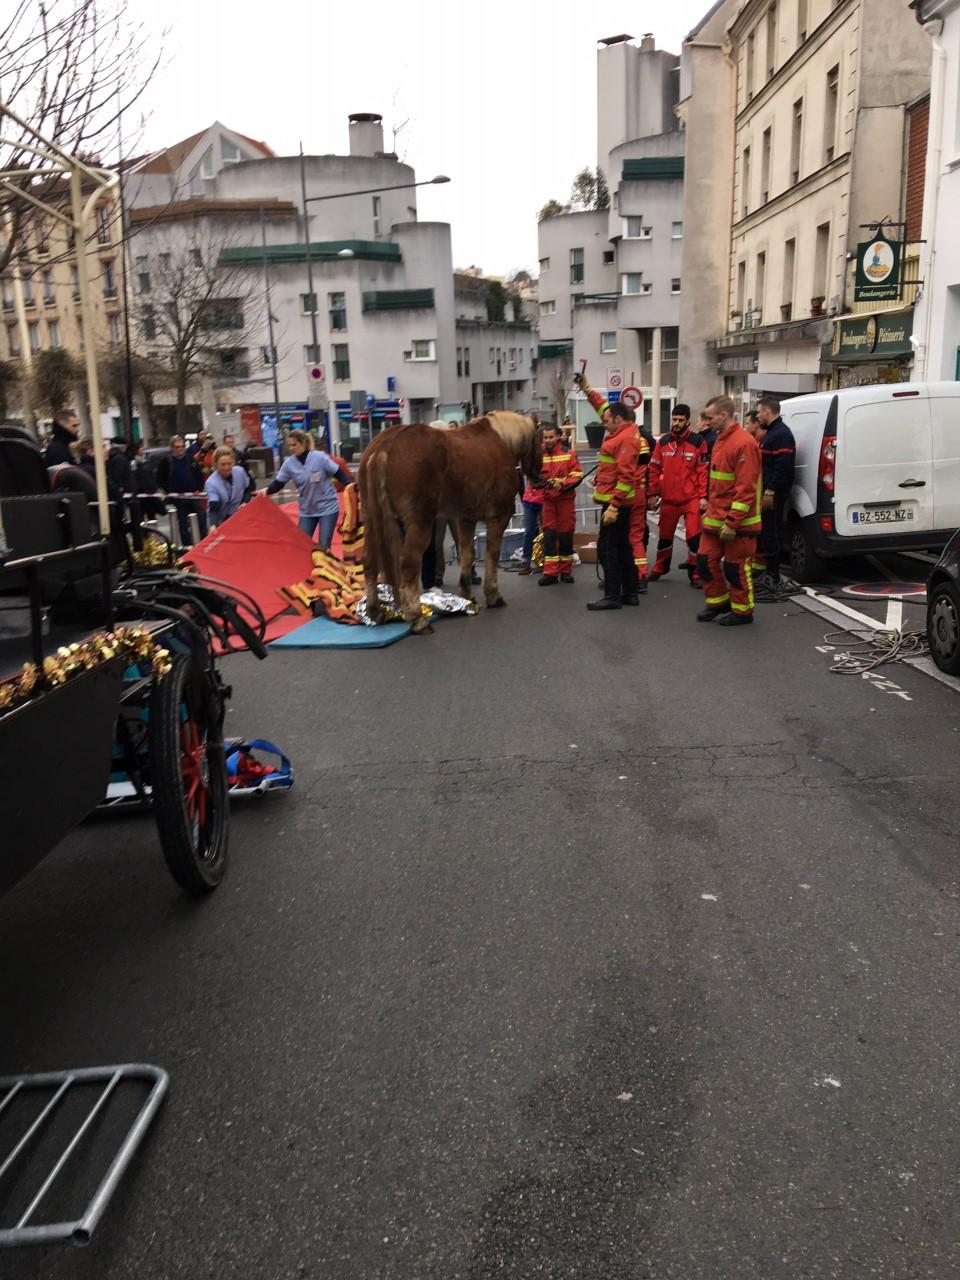 Gentilly, Noël 2019. Le cheval se relève après un malaise. Crédit photo. F. Rousset. La Femme Qui Marche